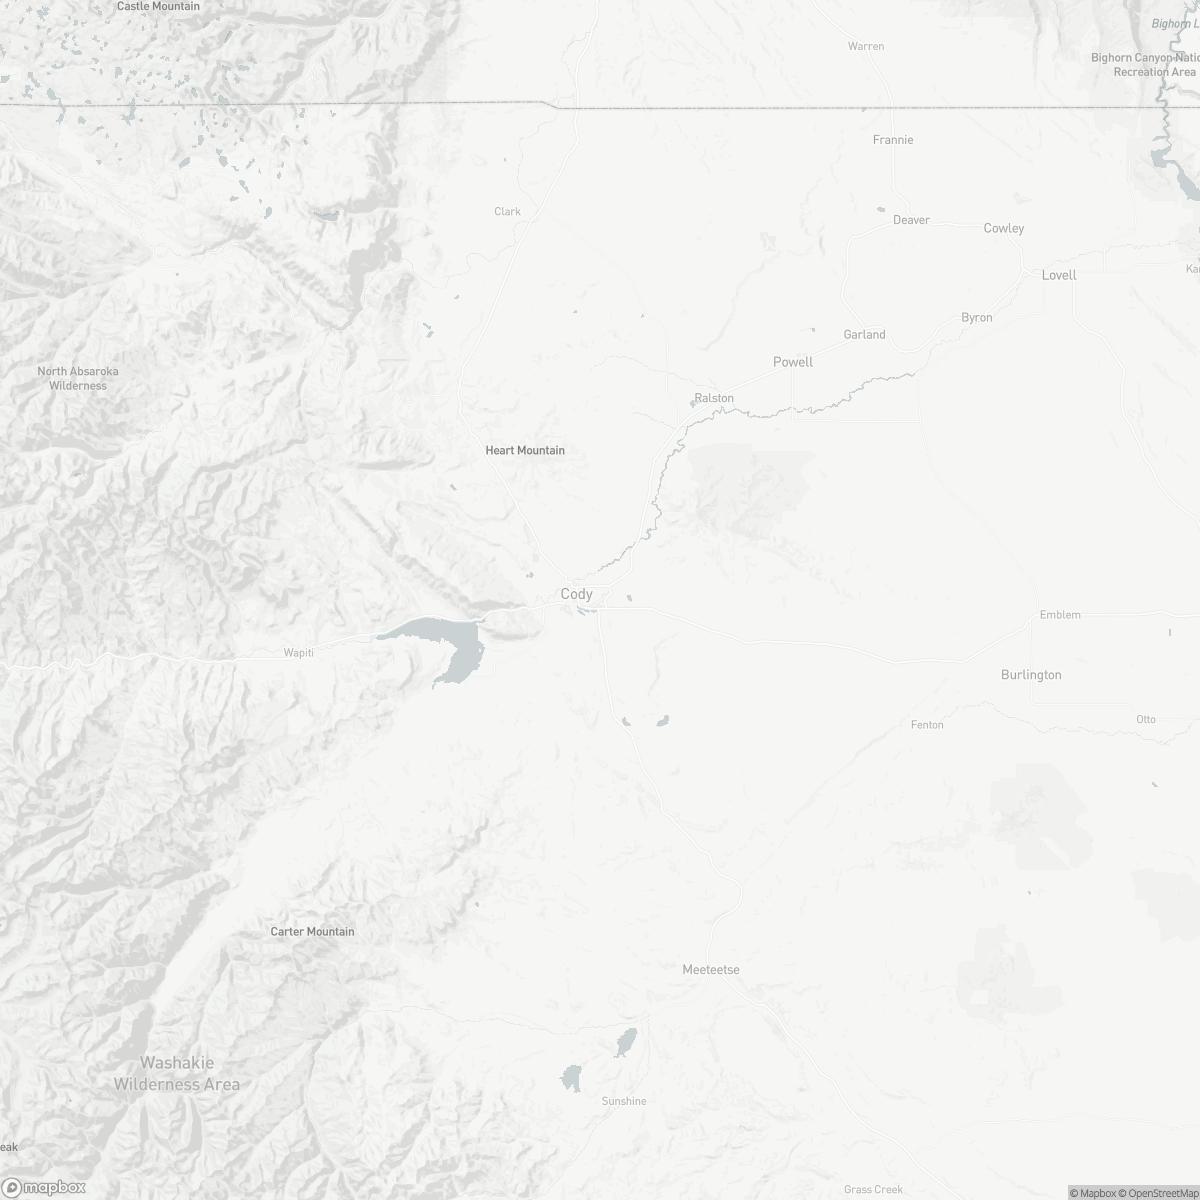 Map of Yellowstone Regional Airport COD surrounding area of Cody Wyoming